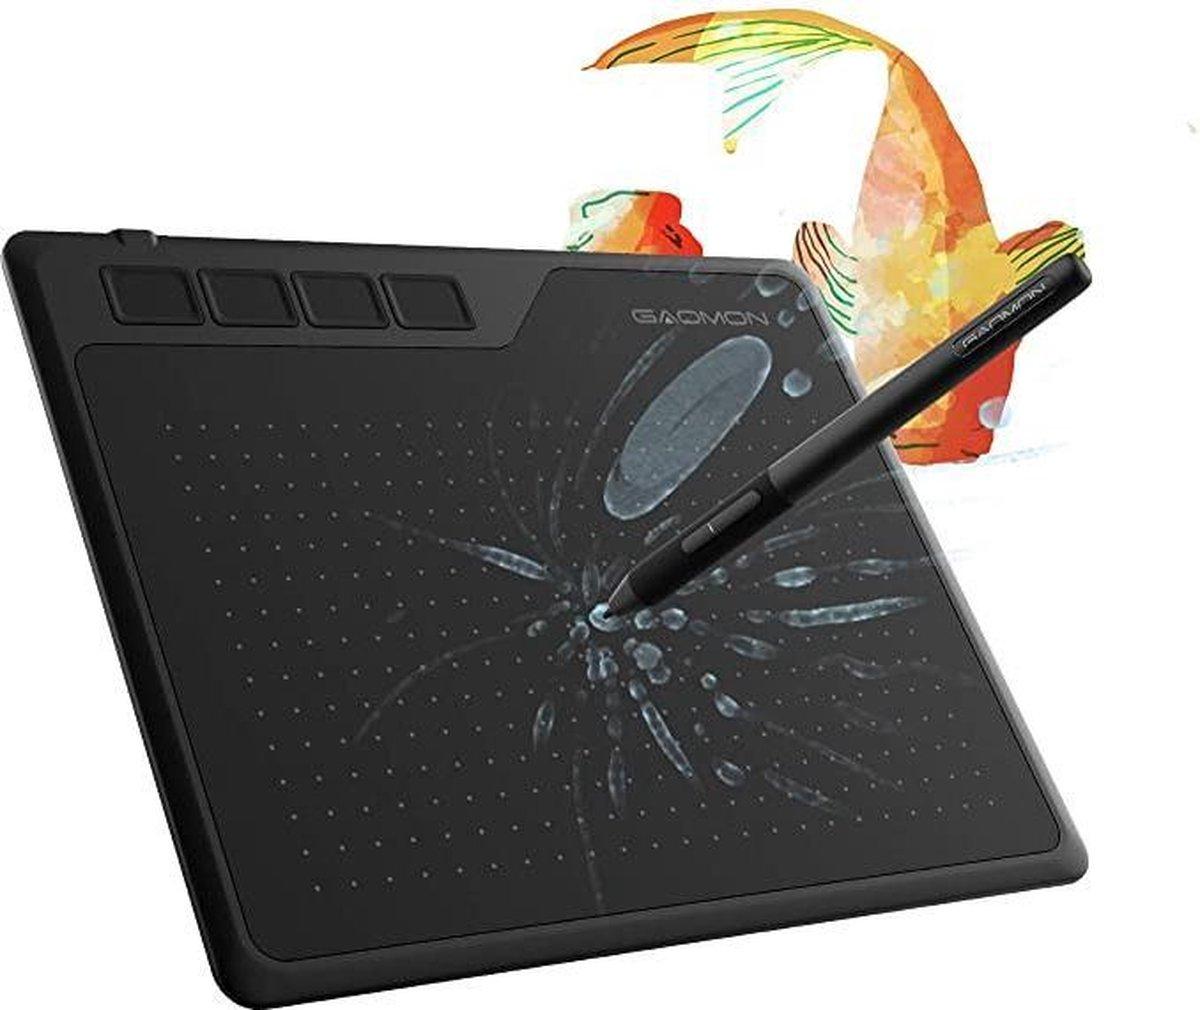 Tekentablet - GN S620 6,5 x 4 inch (diagonaal: 7,6 inch) grafisch tablet (met 4 Express toetsen) met batterijvrije pen.